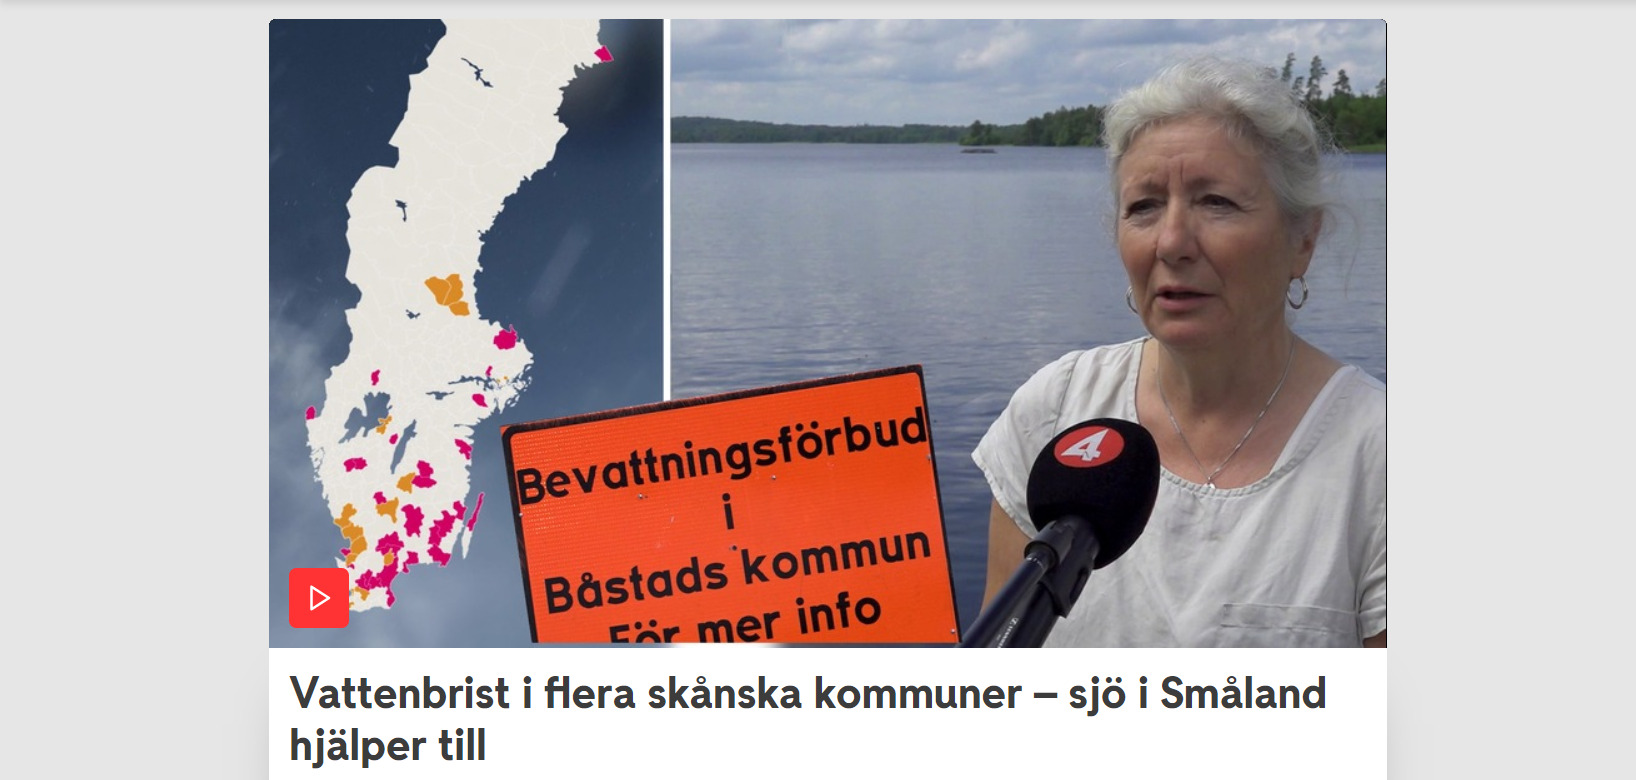 Sverigekarta och bild på Marie Nordkvist